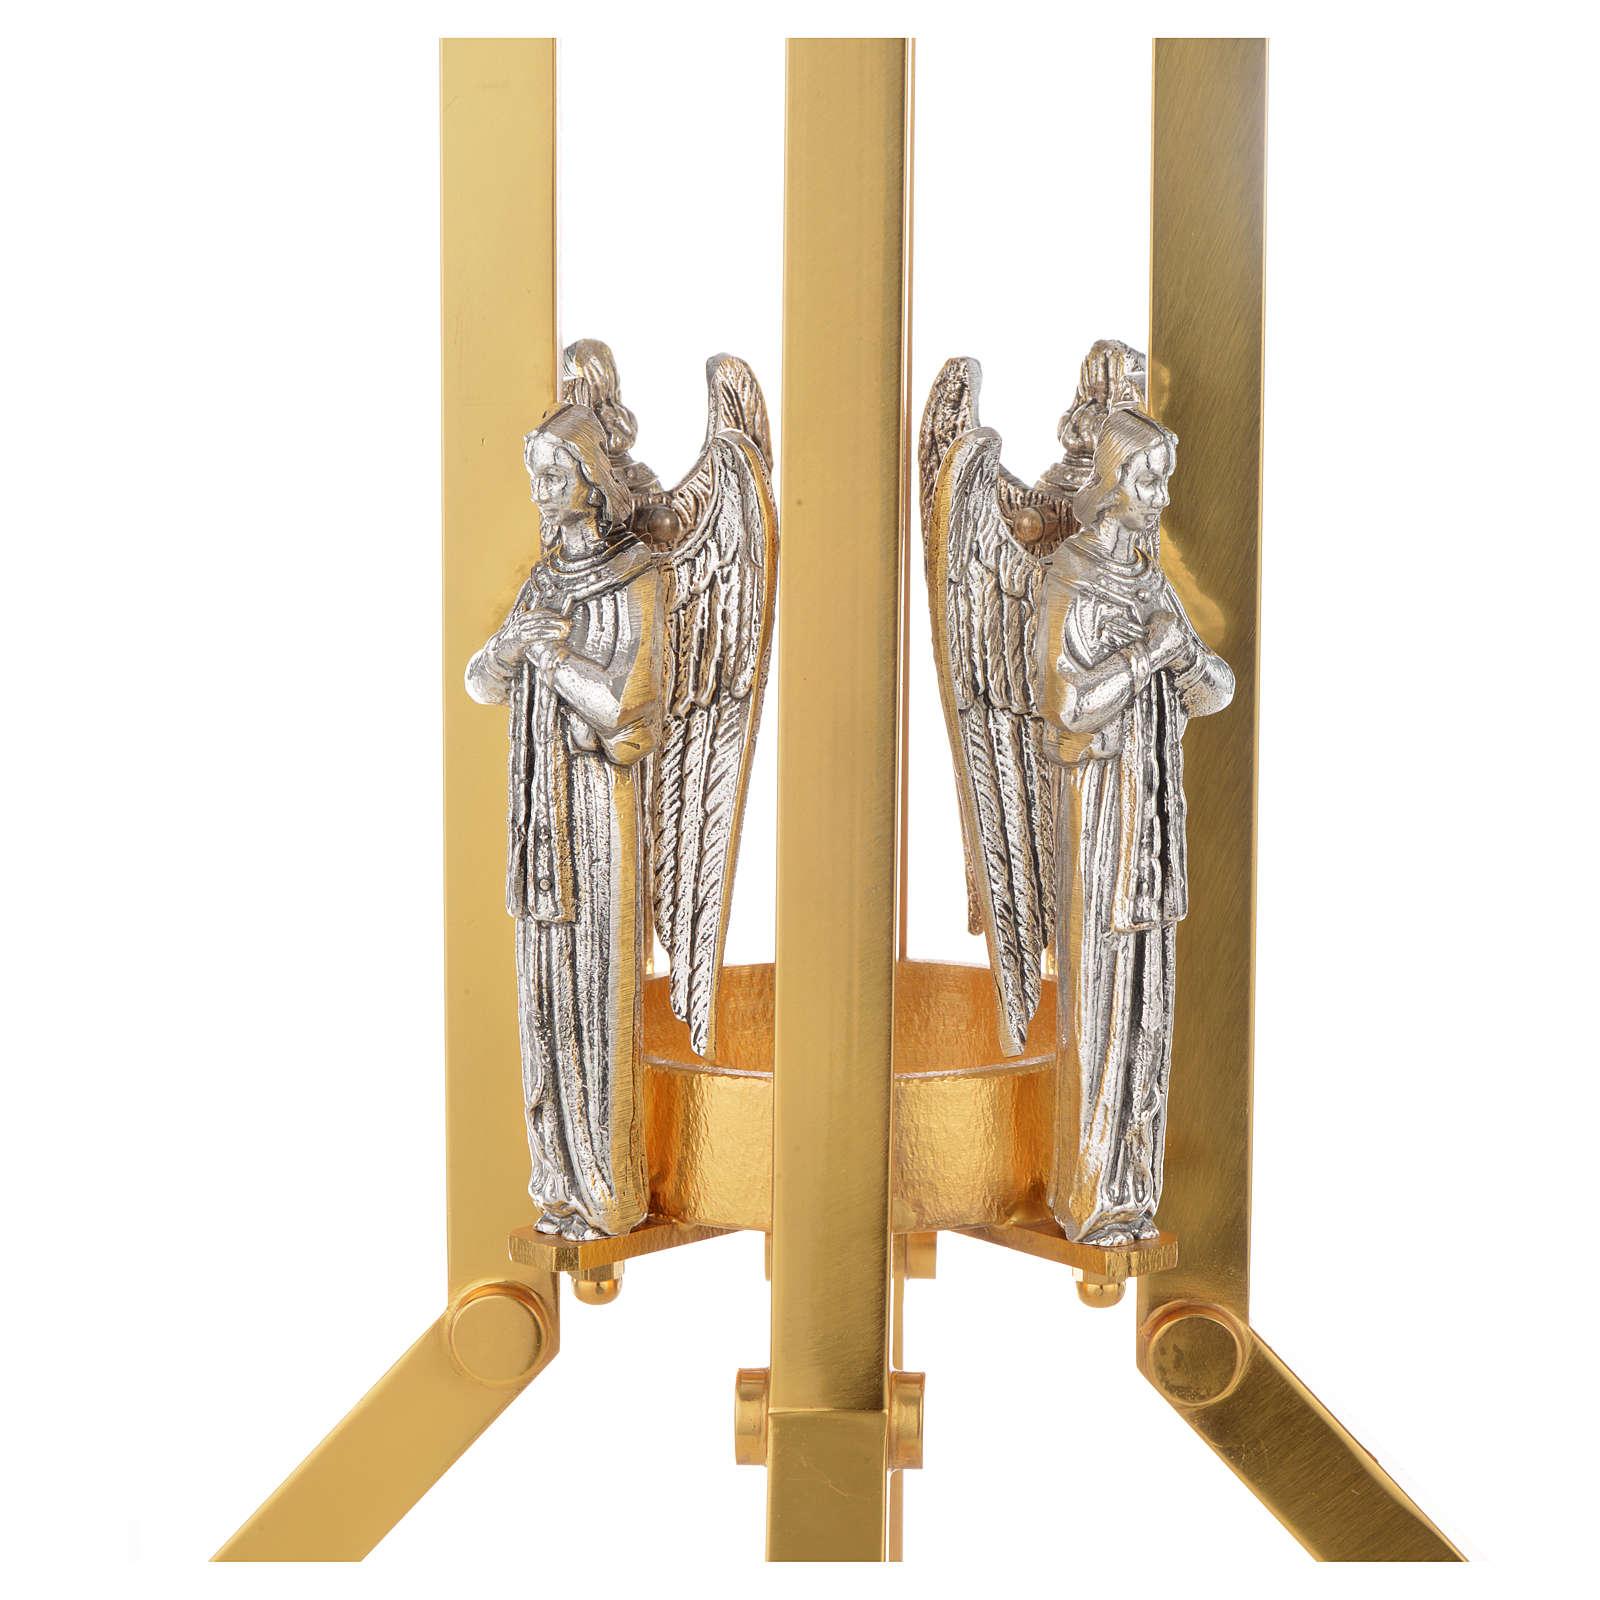 Base porta-círio anjos 4